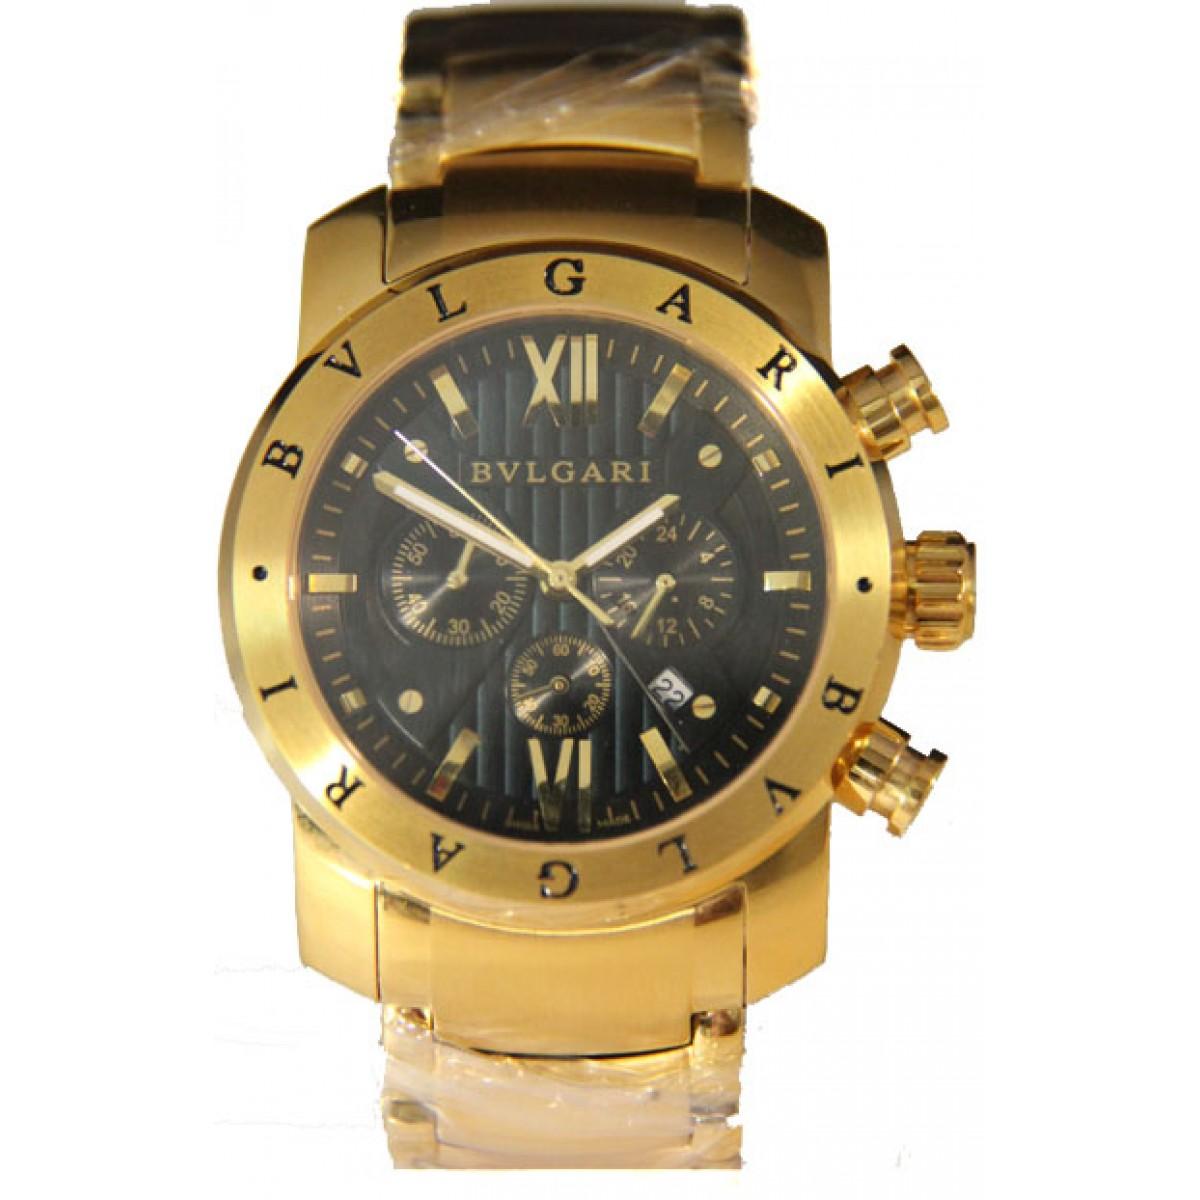 cade0147dee Relógio Réplica Bulgari Homem De Ferro Dourado Preto